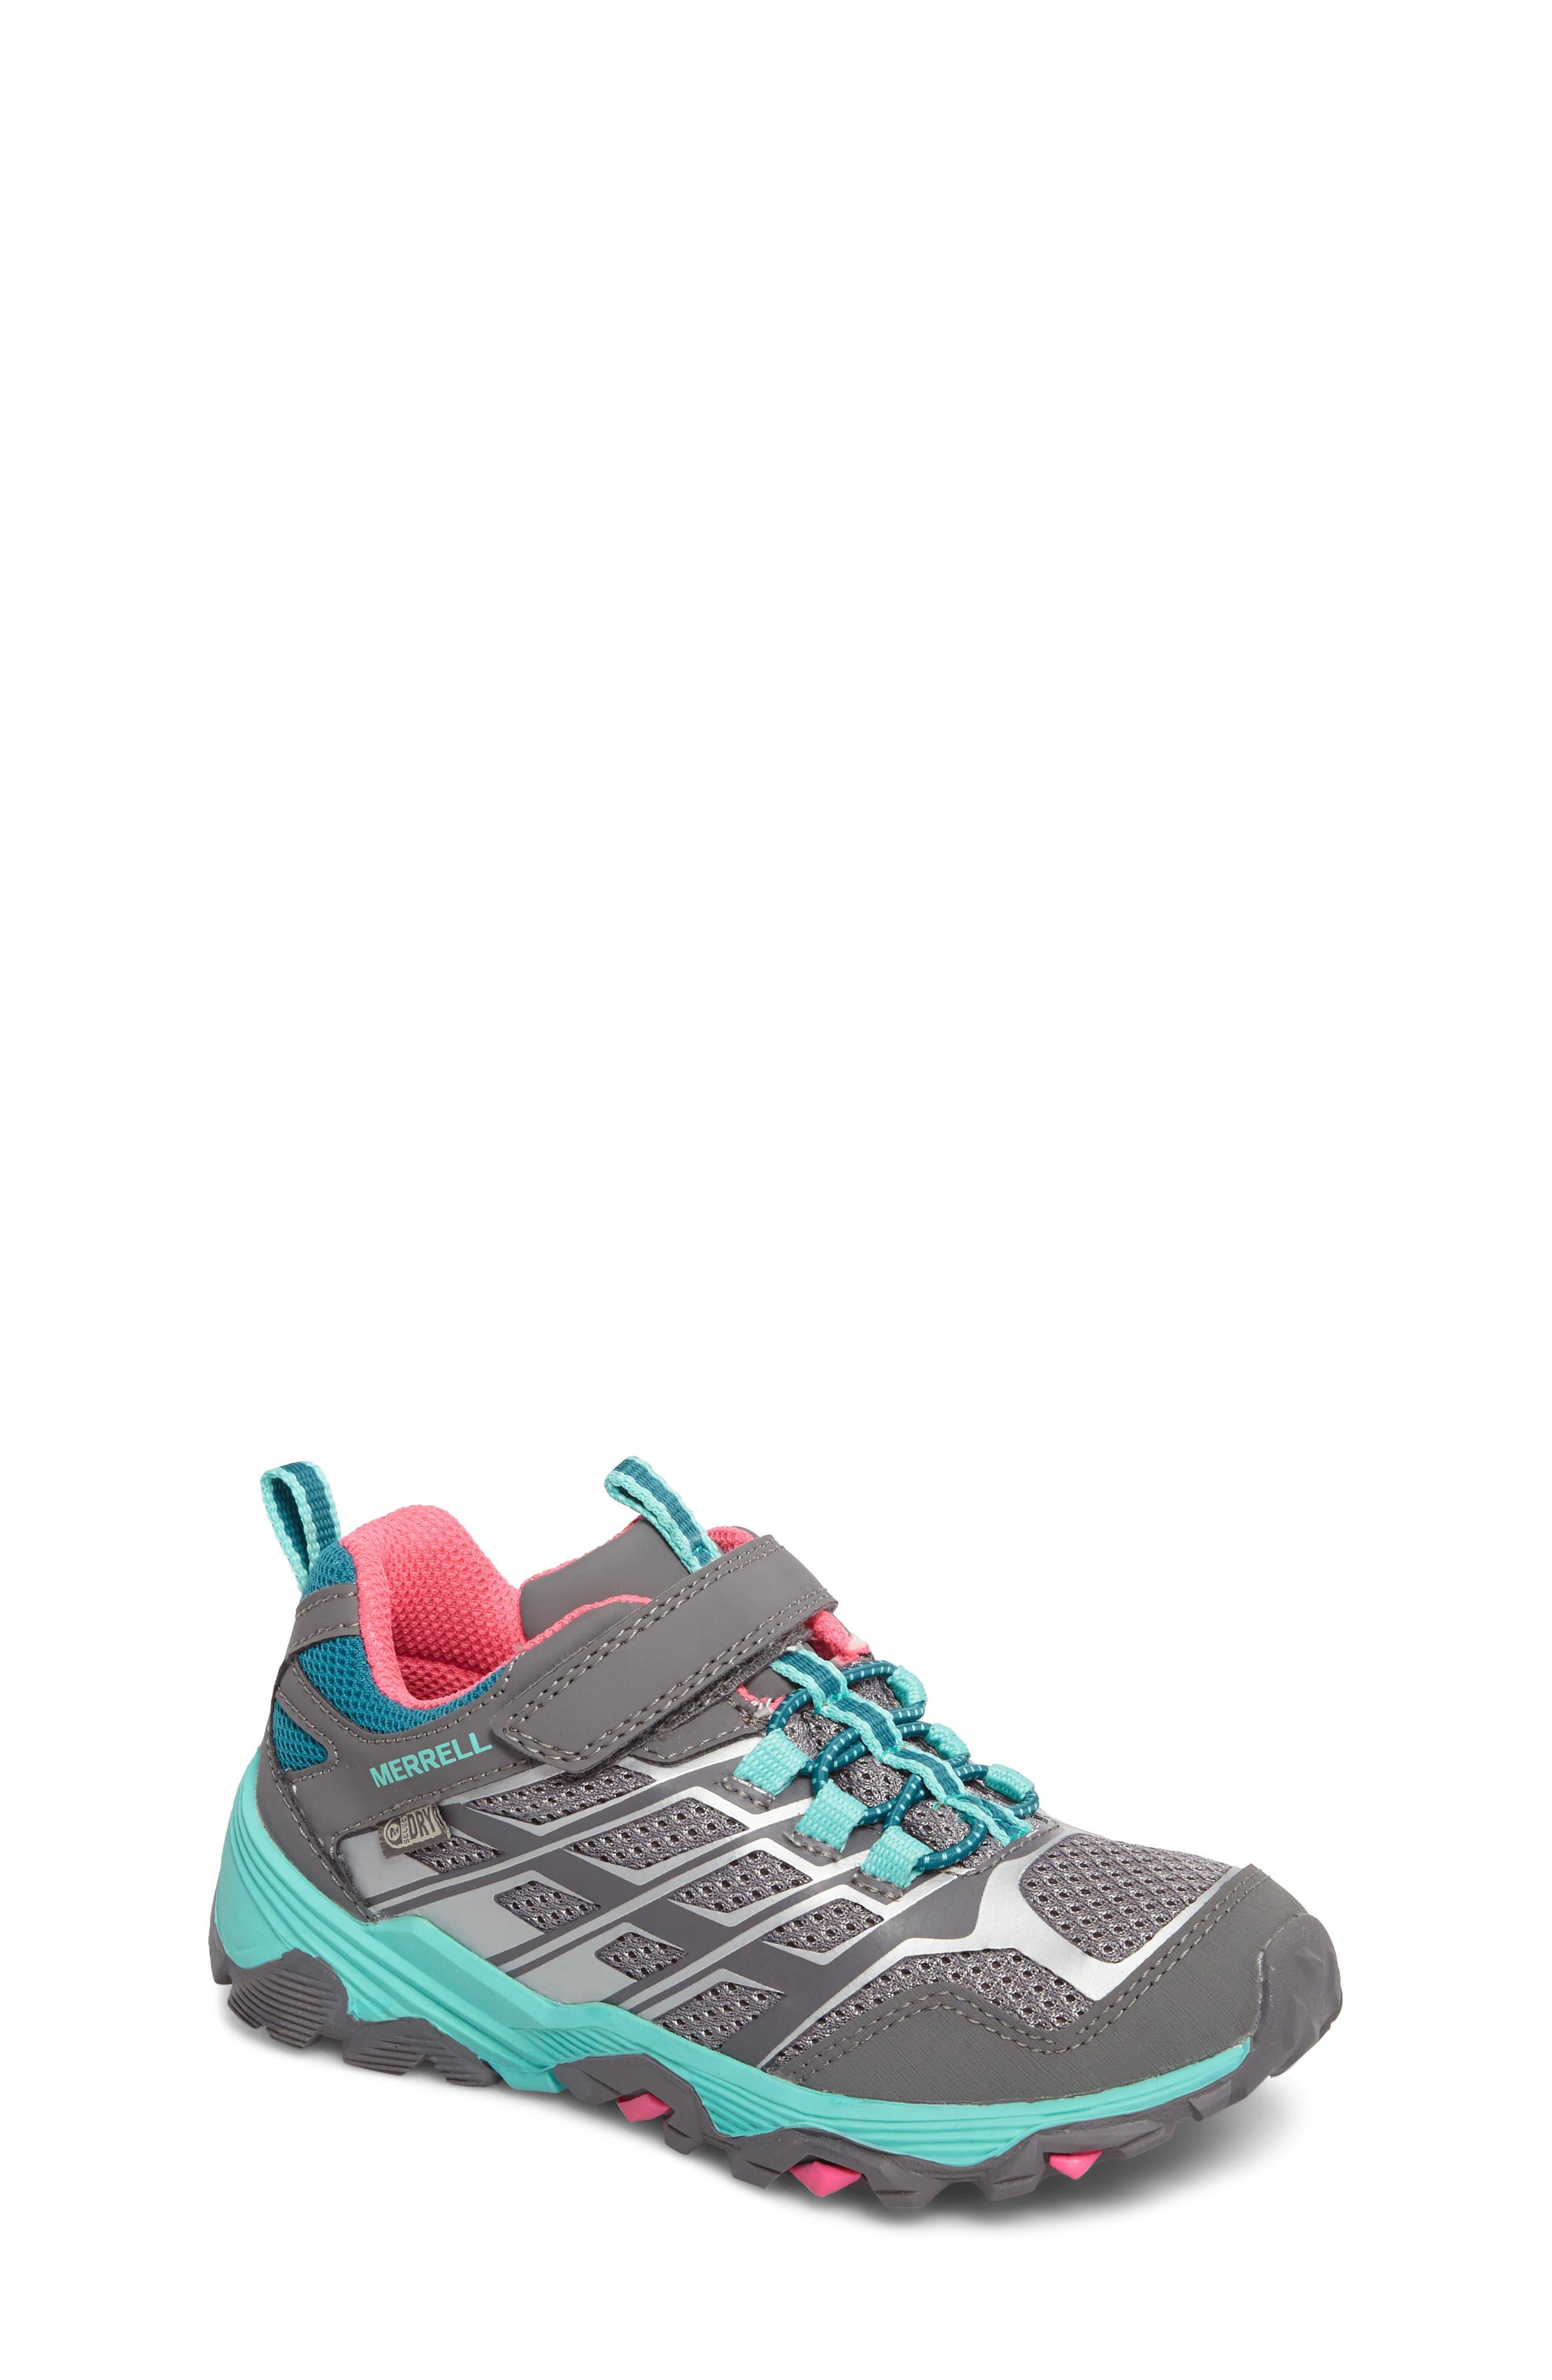 Moab FST Polar Low Waterproof Sneaker,                         Main,                         color, Grey/ Multi